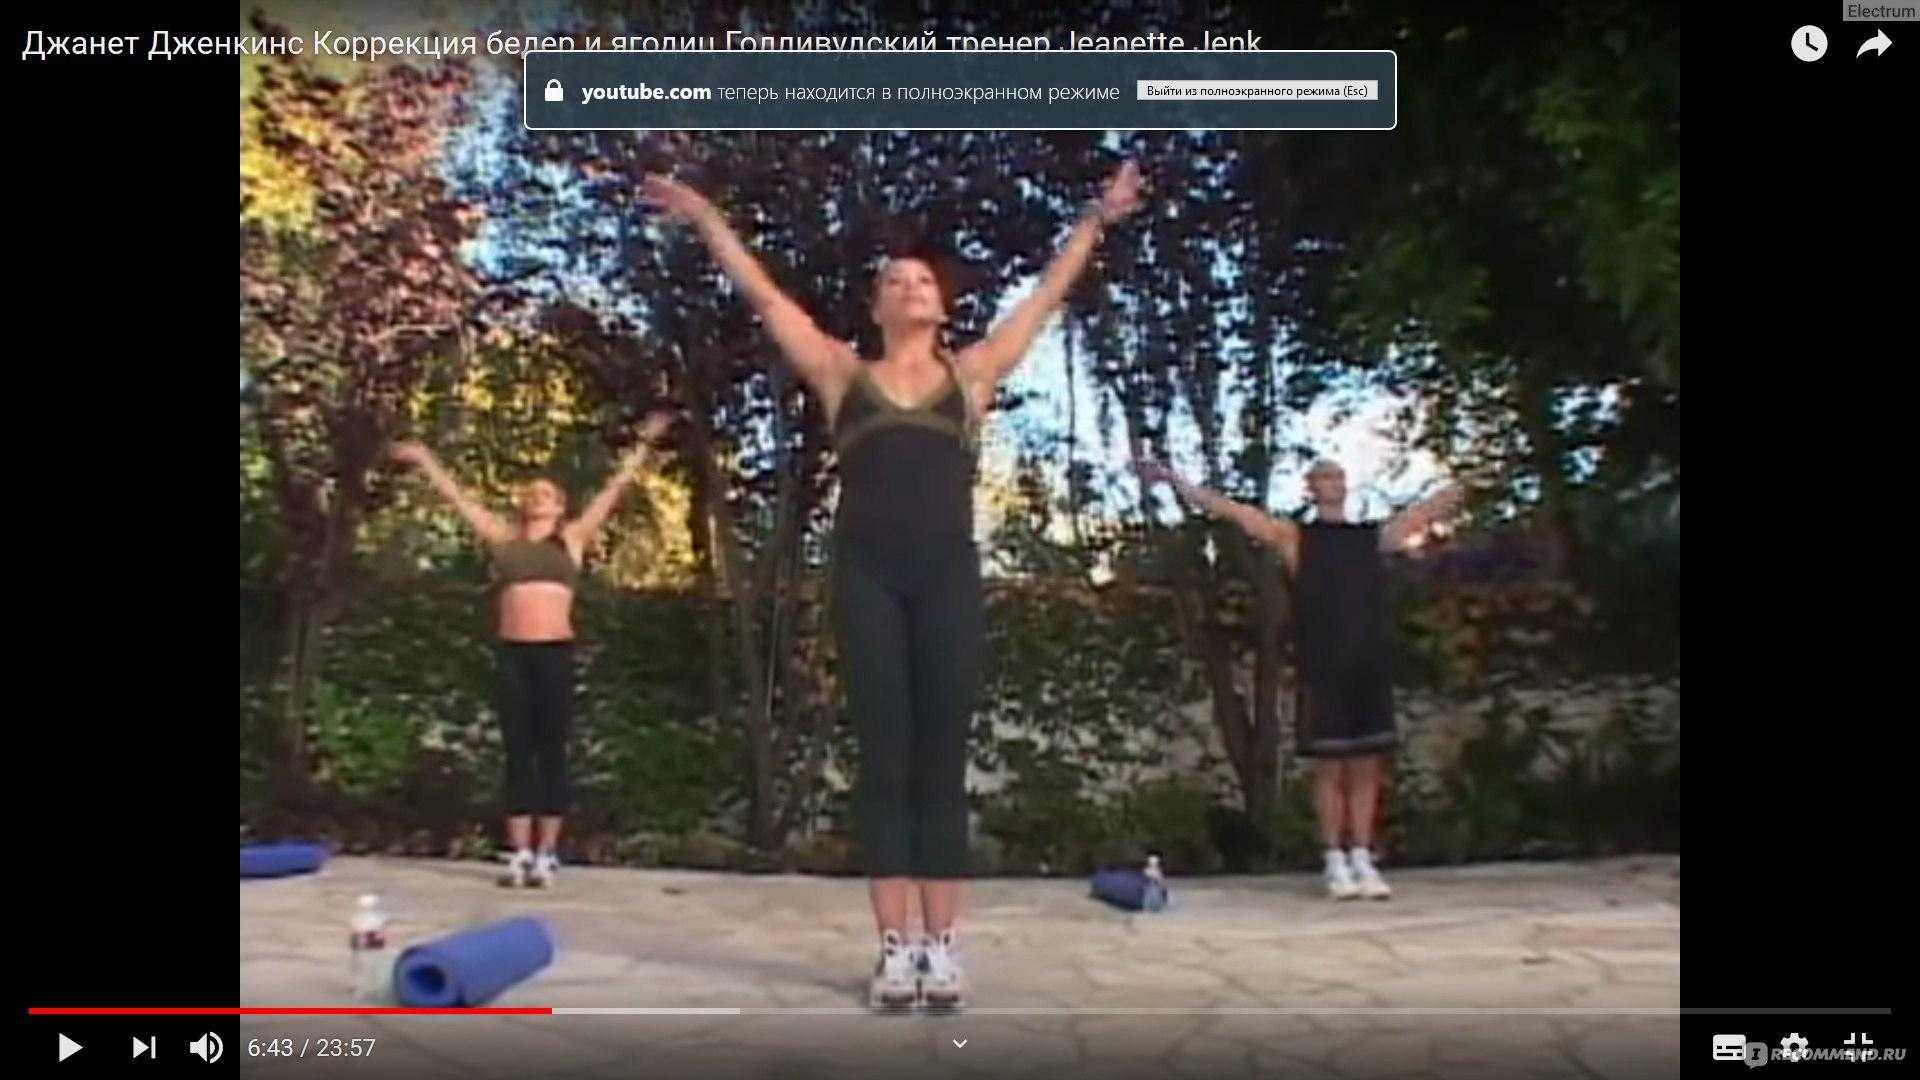 Силовая йога с джанет дженкинс: как сделать тело гибким и стройным